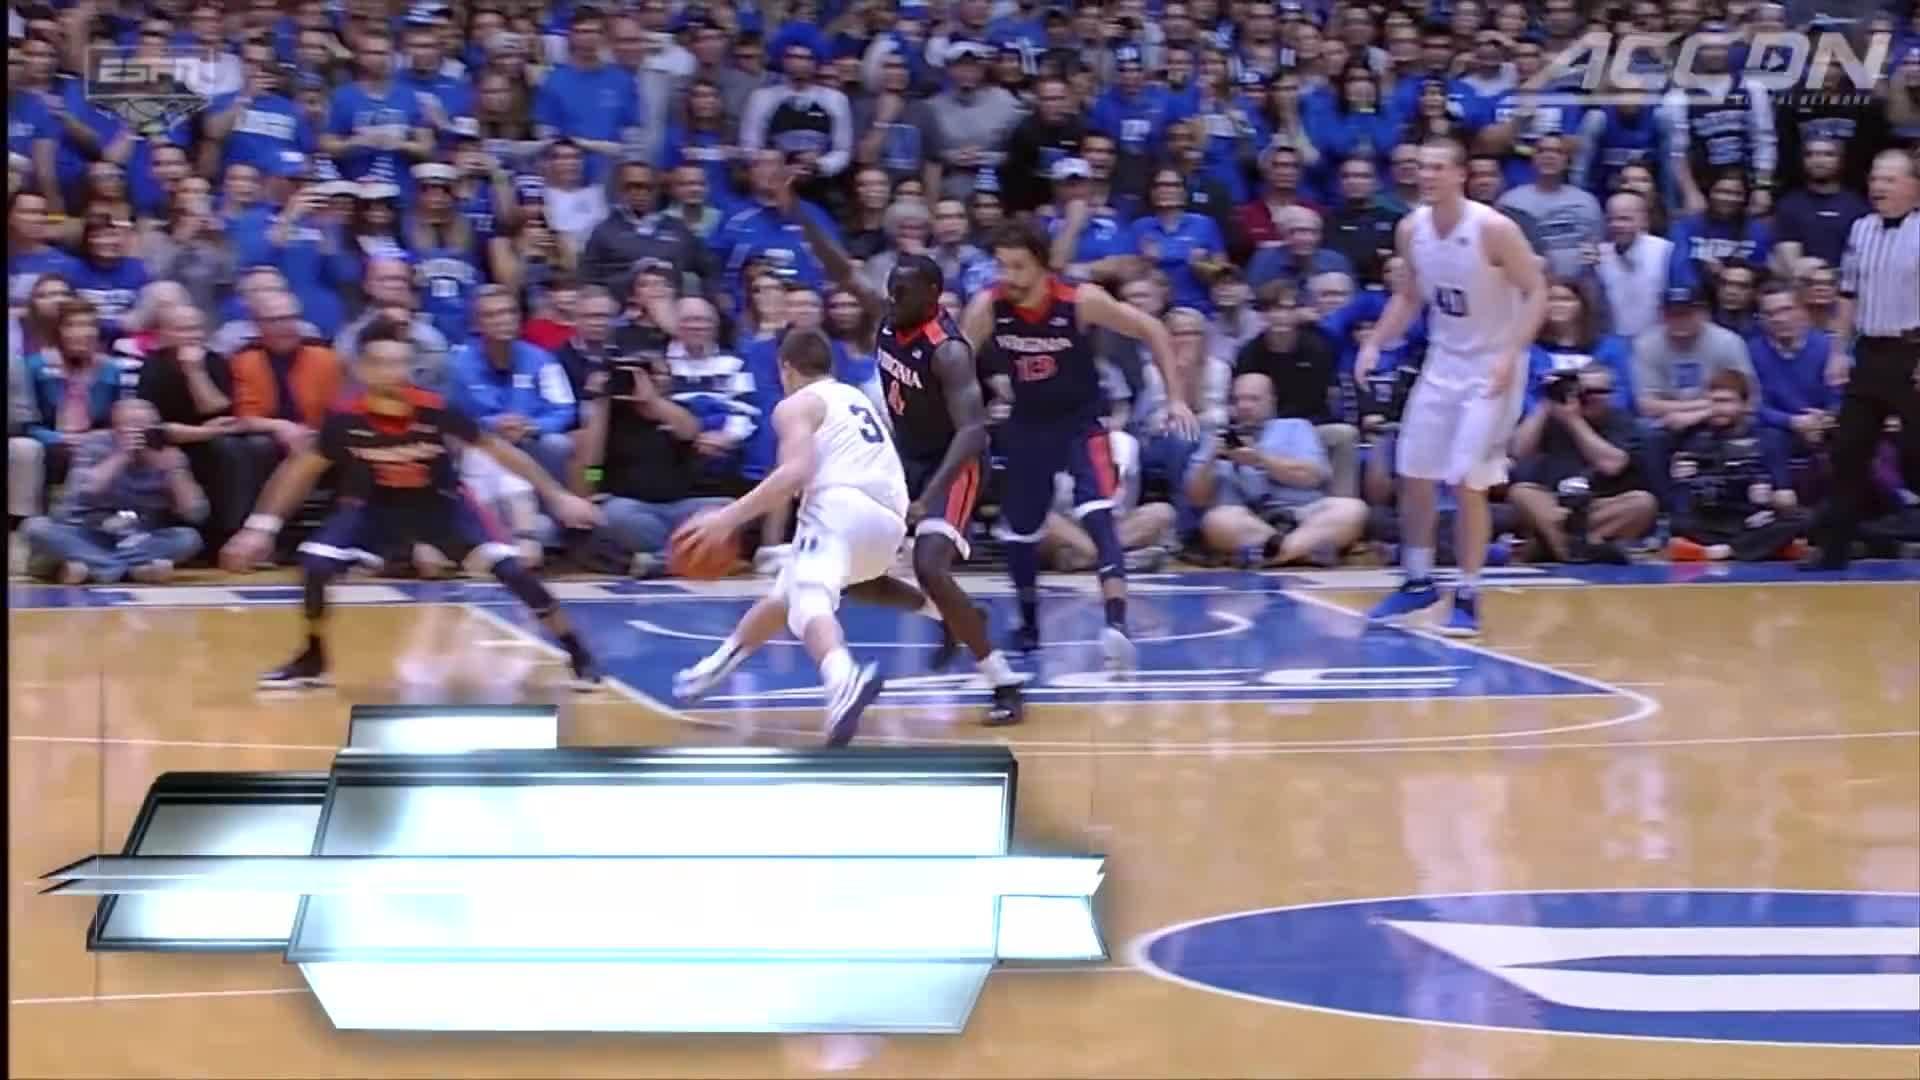 College Basketball, Duke, Virginia, Virginia vs. Duke Basketball Game Winner! GIFs